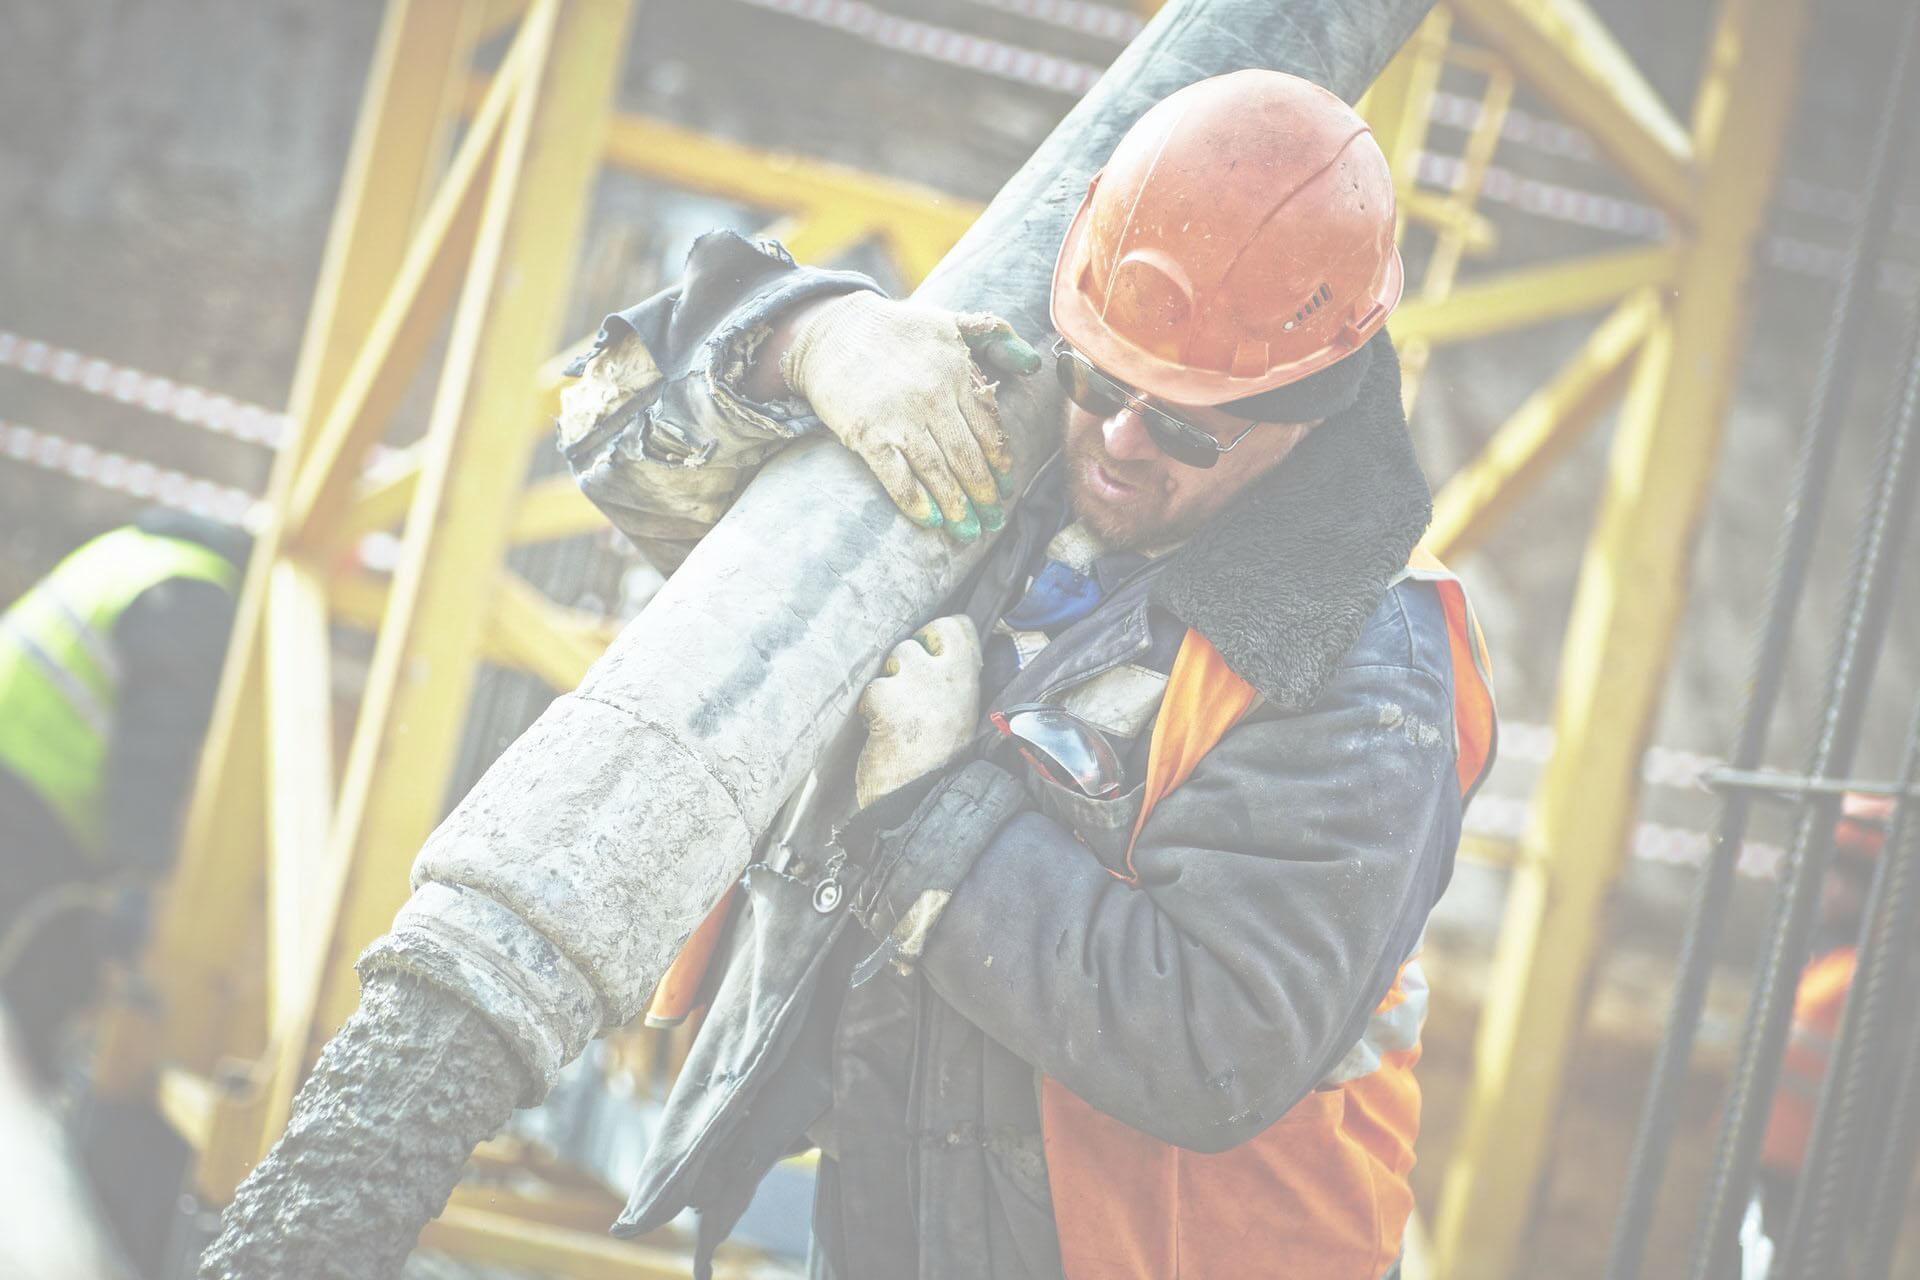 Homem segurando equipamento de construção civil